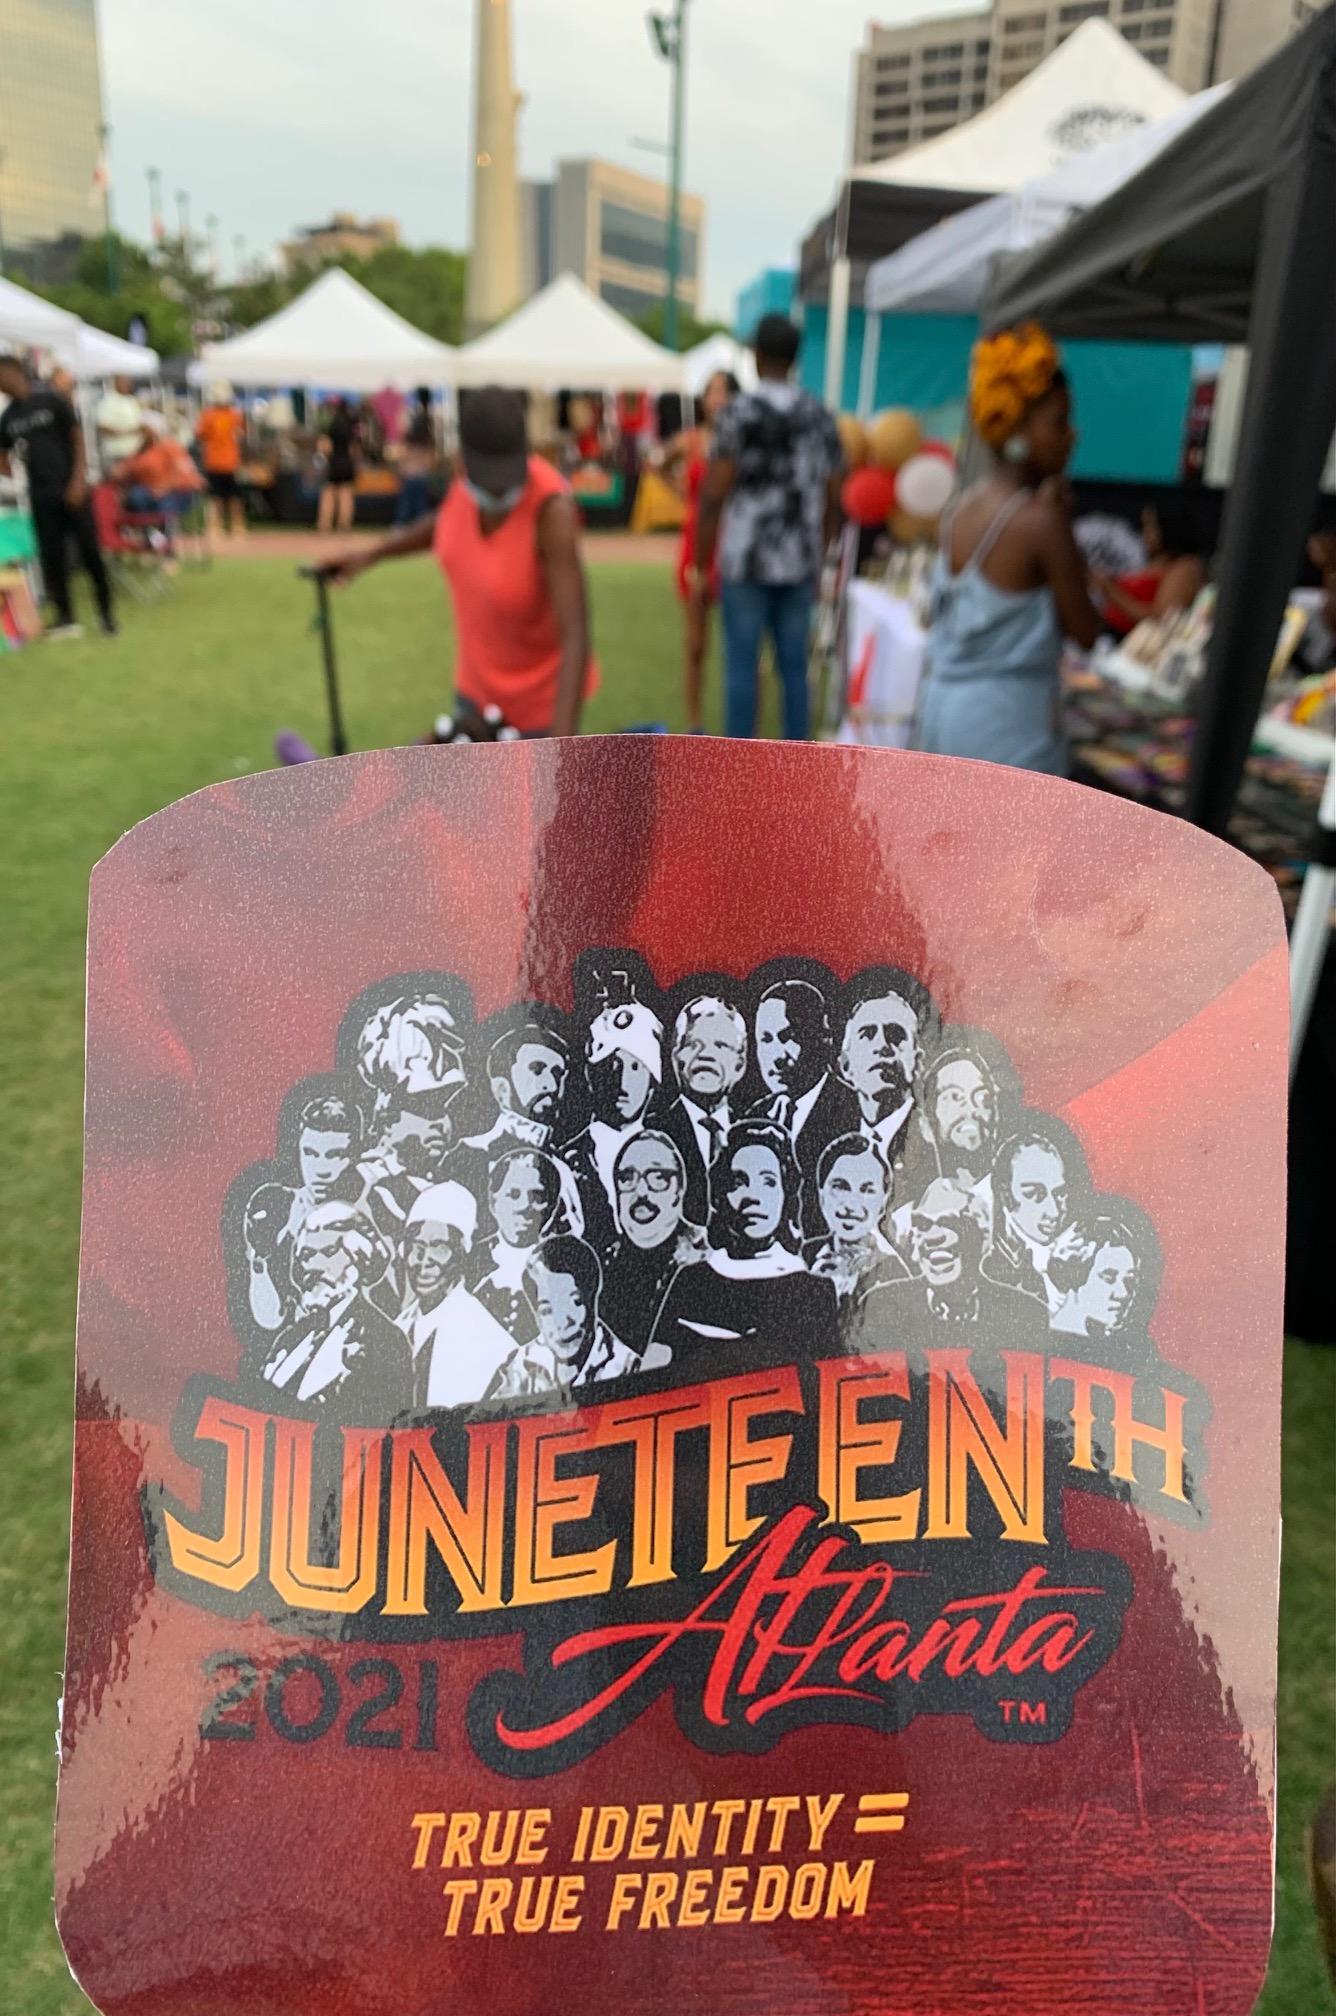 JuneteenthCentennialPk_33